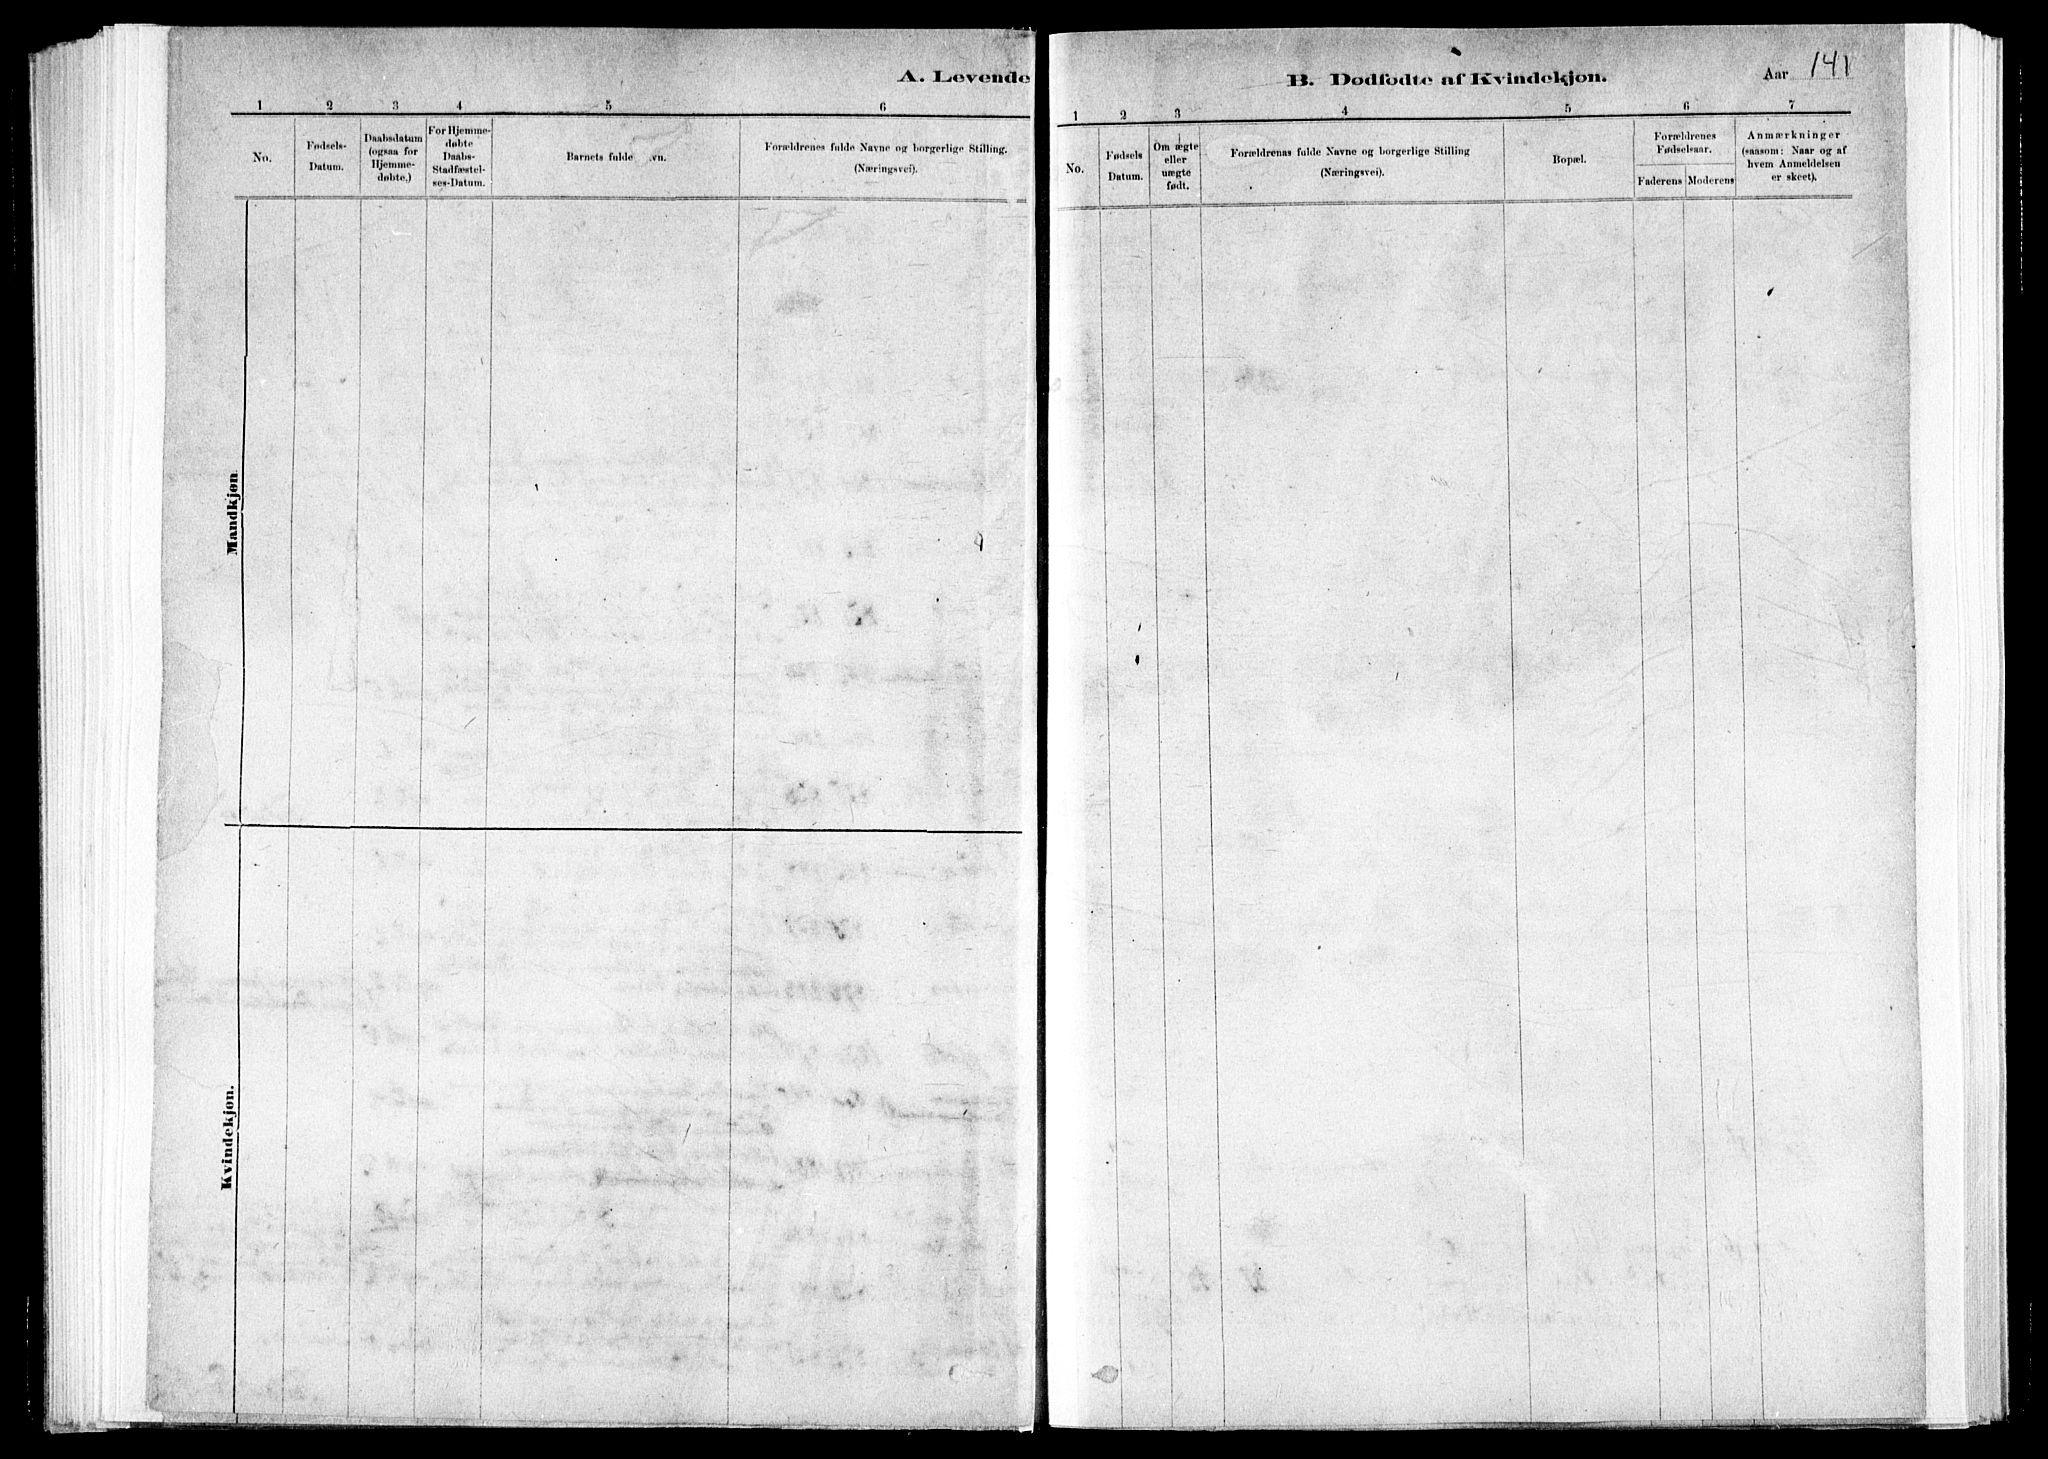 SAT, Ministerialprotokoller, klokkerbøker og fødselsregistre - Nord-Trøndelag, 730/L0285: Ministerialbok nr. 730A10, 1879-1914, s. 141